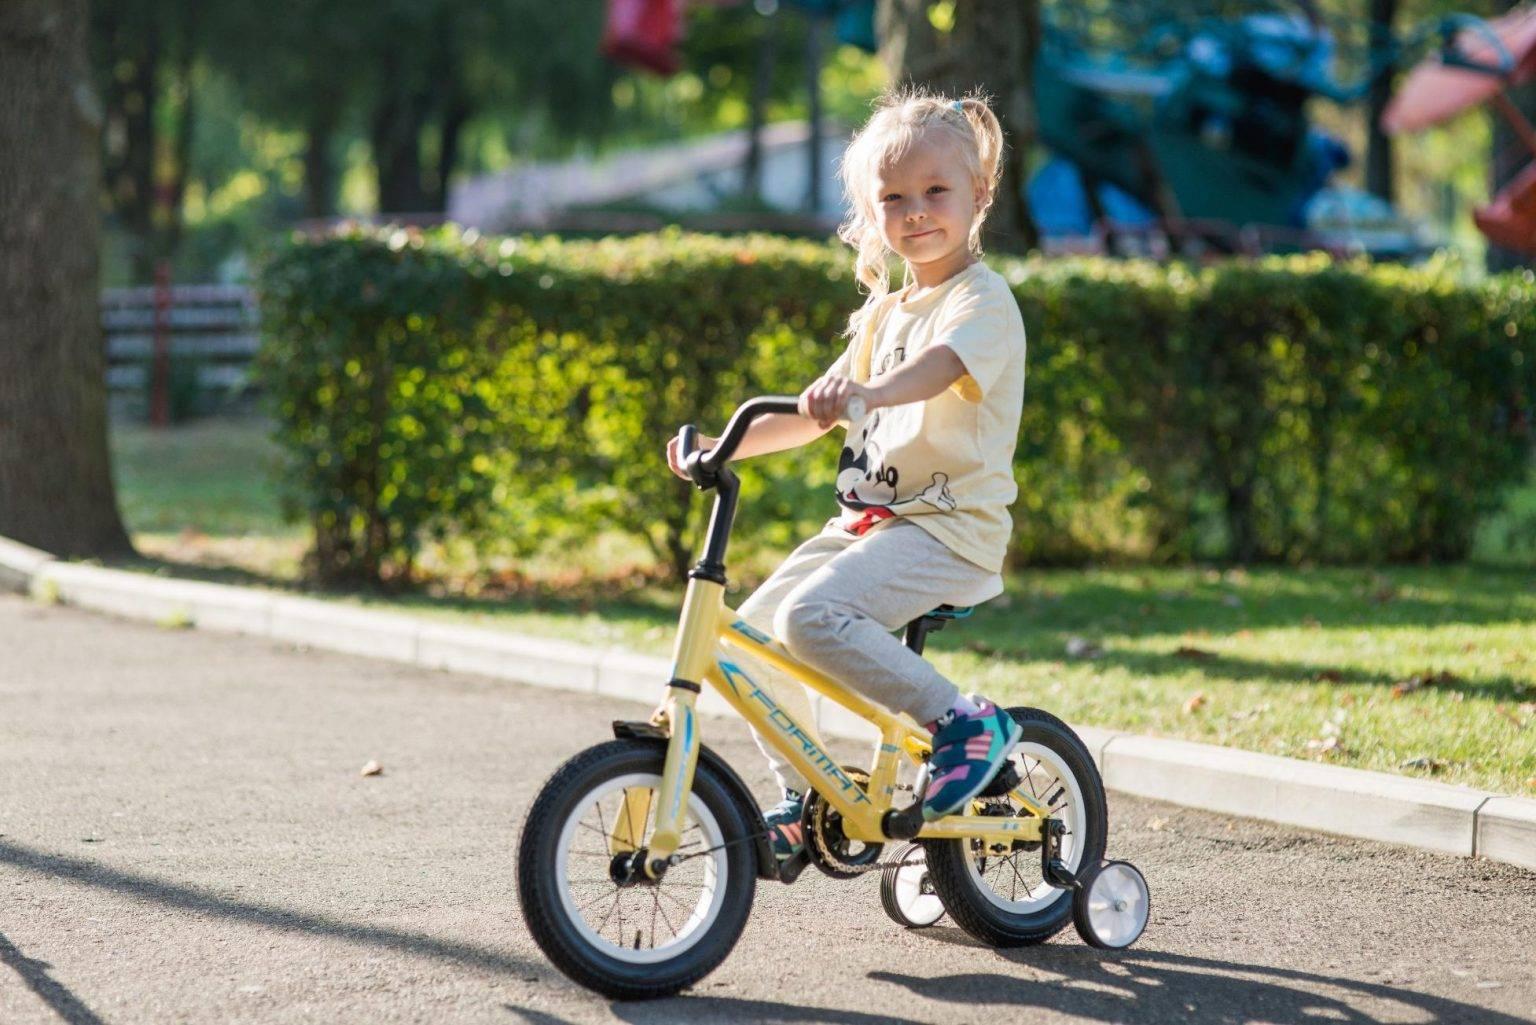 Как быстро научить ребенка кататься на двухколесном велосипеде